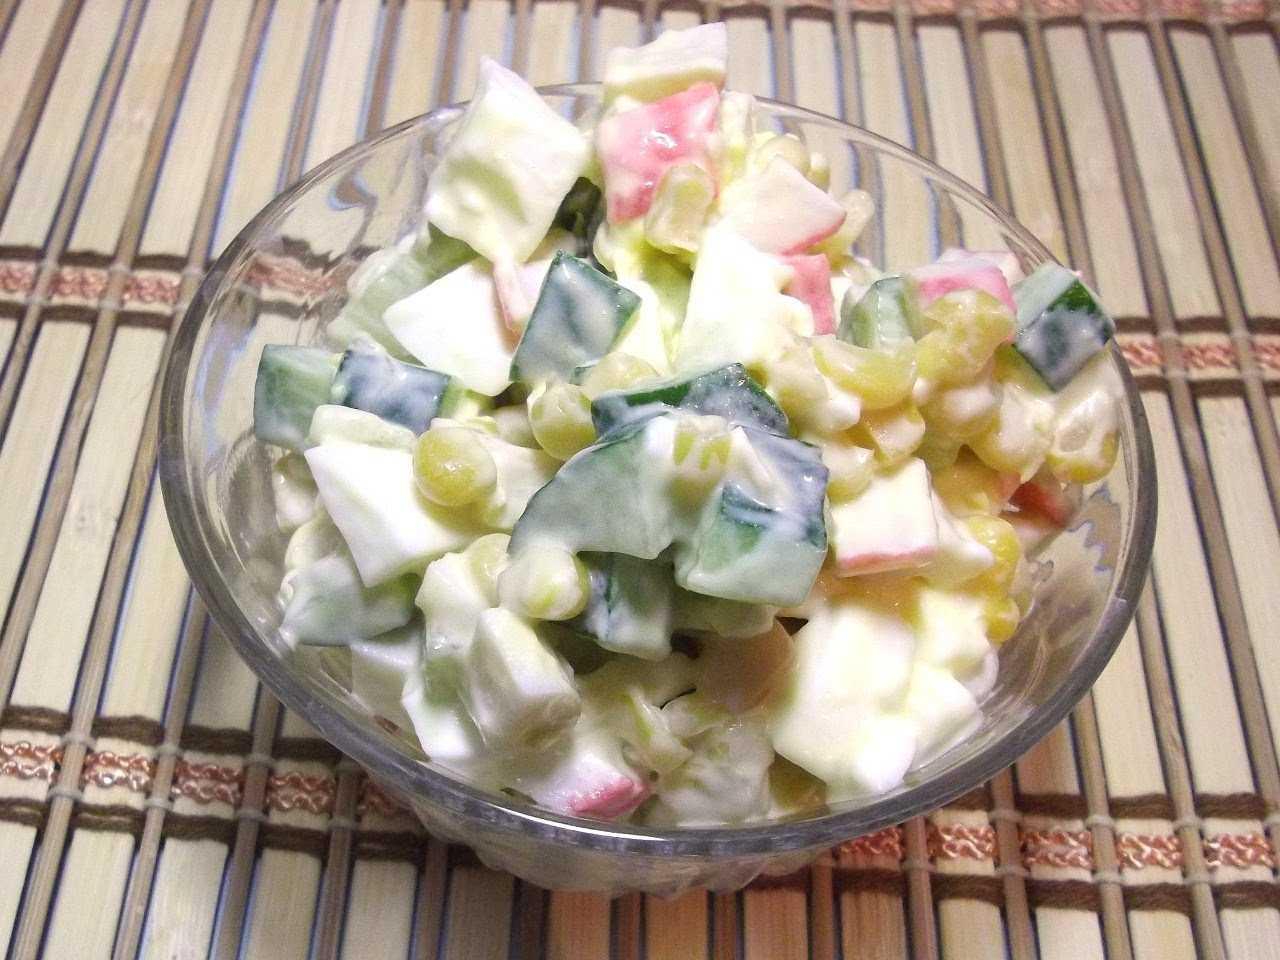 Как приготовить крабовый салат классический без огурца: поиск по ингредиентам, советы, отзывы, подсчет калорий, изменение порций, похожие рецепты